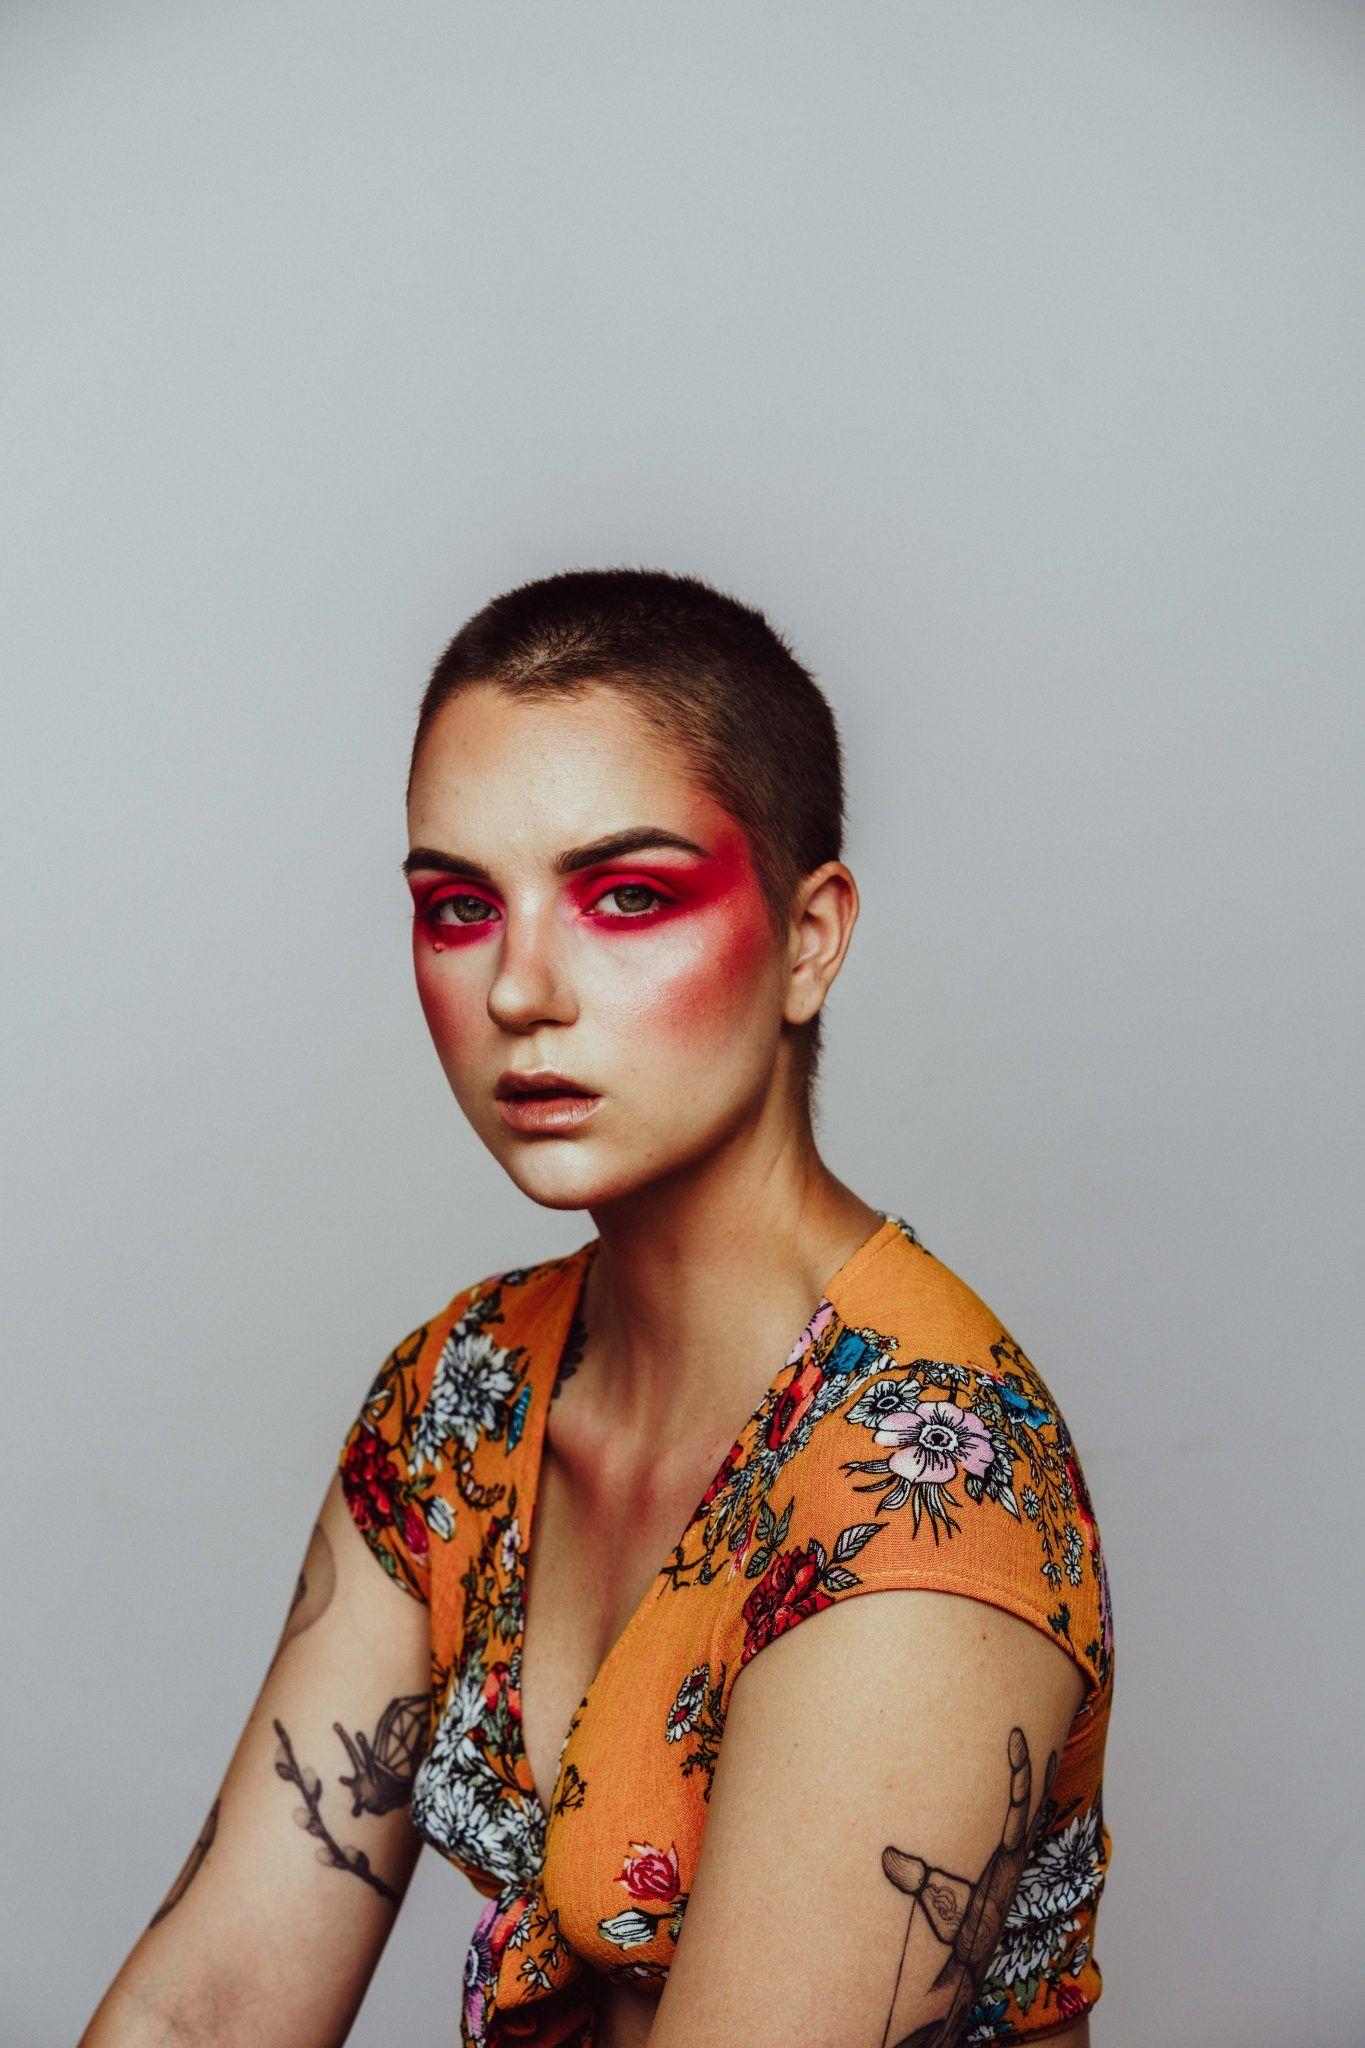 Makeup Today's Look Makeup, Makeup inspiration, Eye makeup